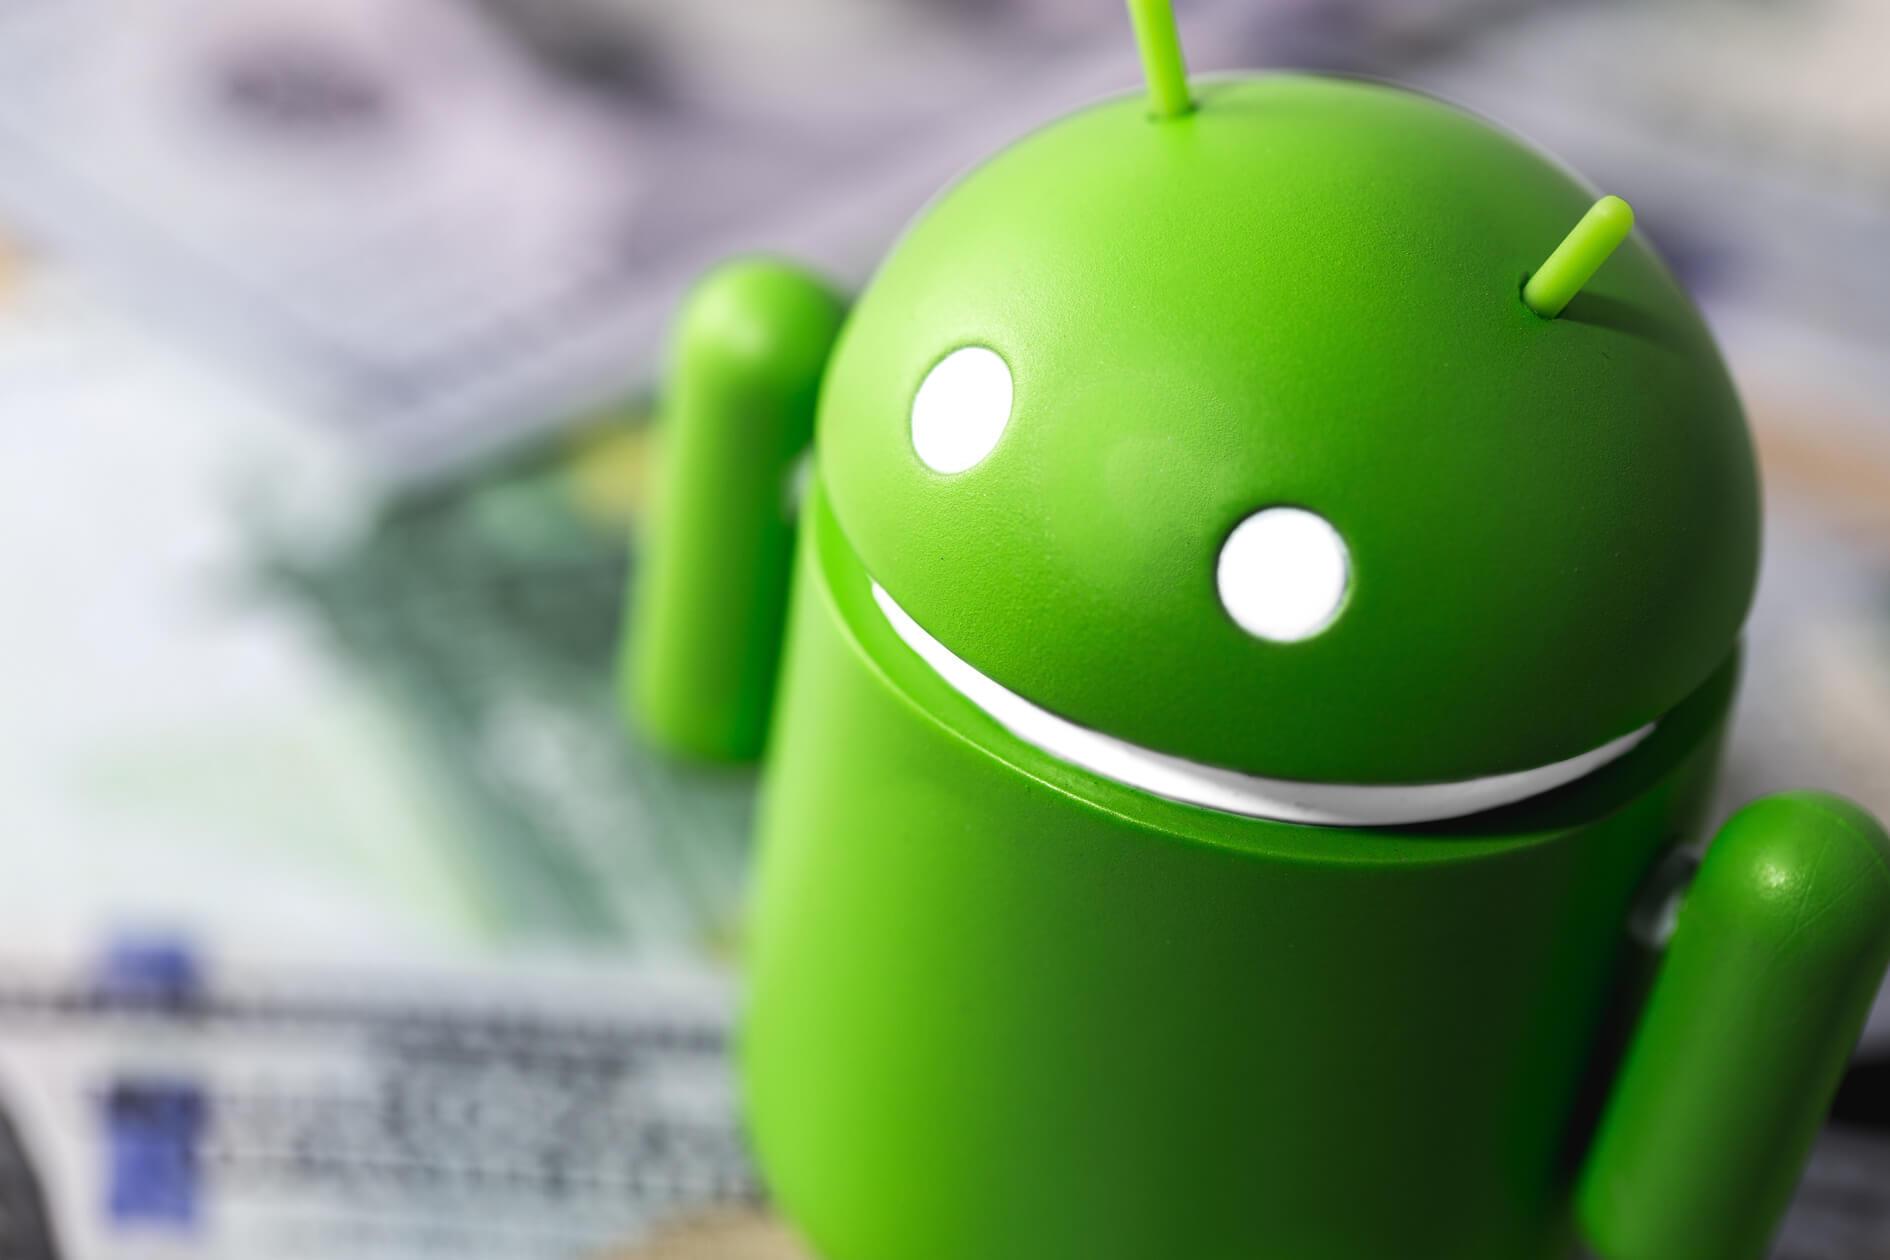 【はじめてのAndroidアプリ開発】バナー広告を課金で削除する方法